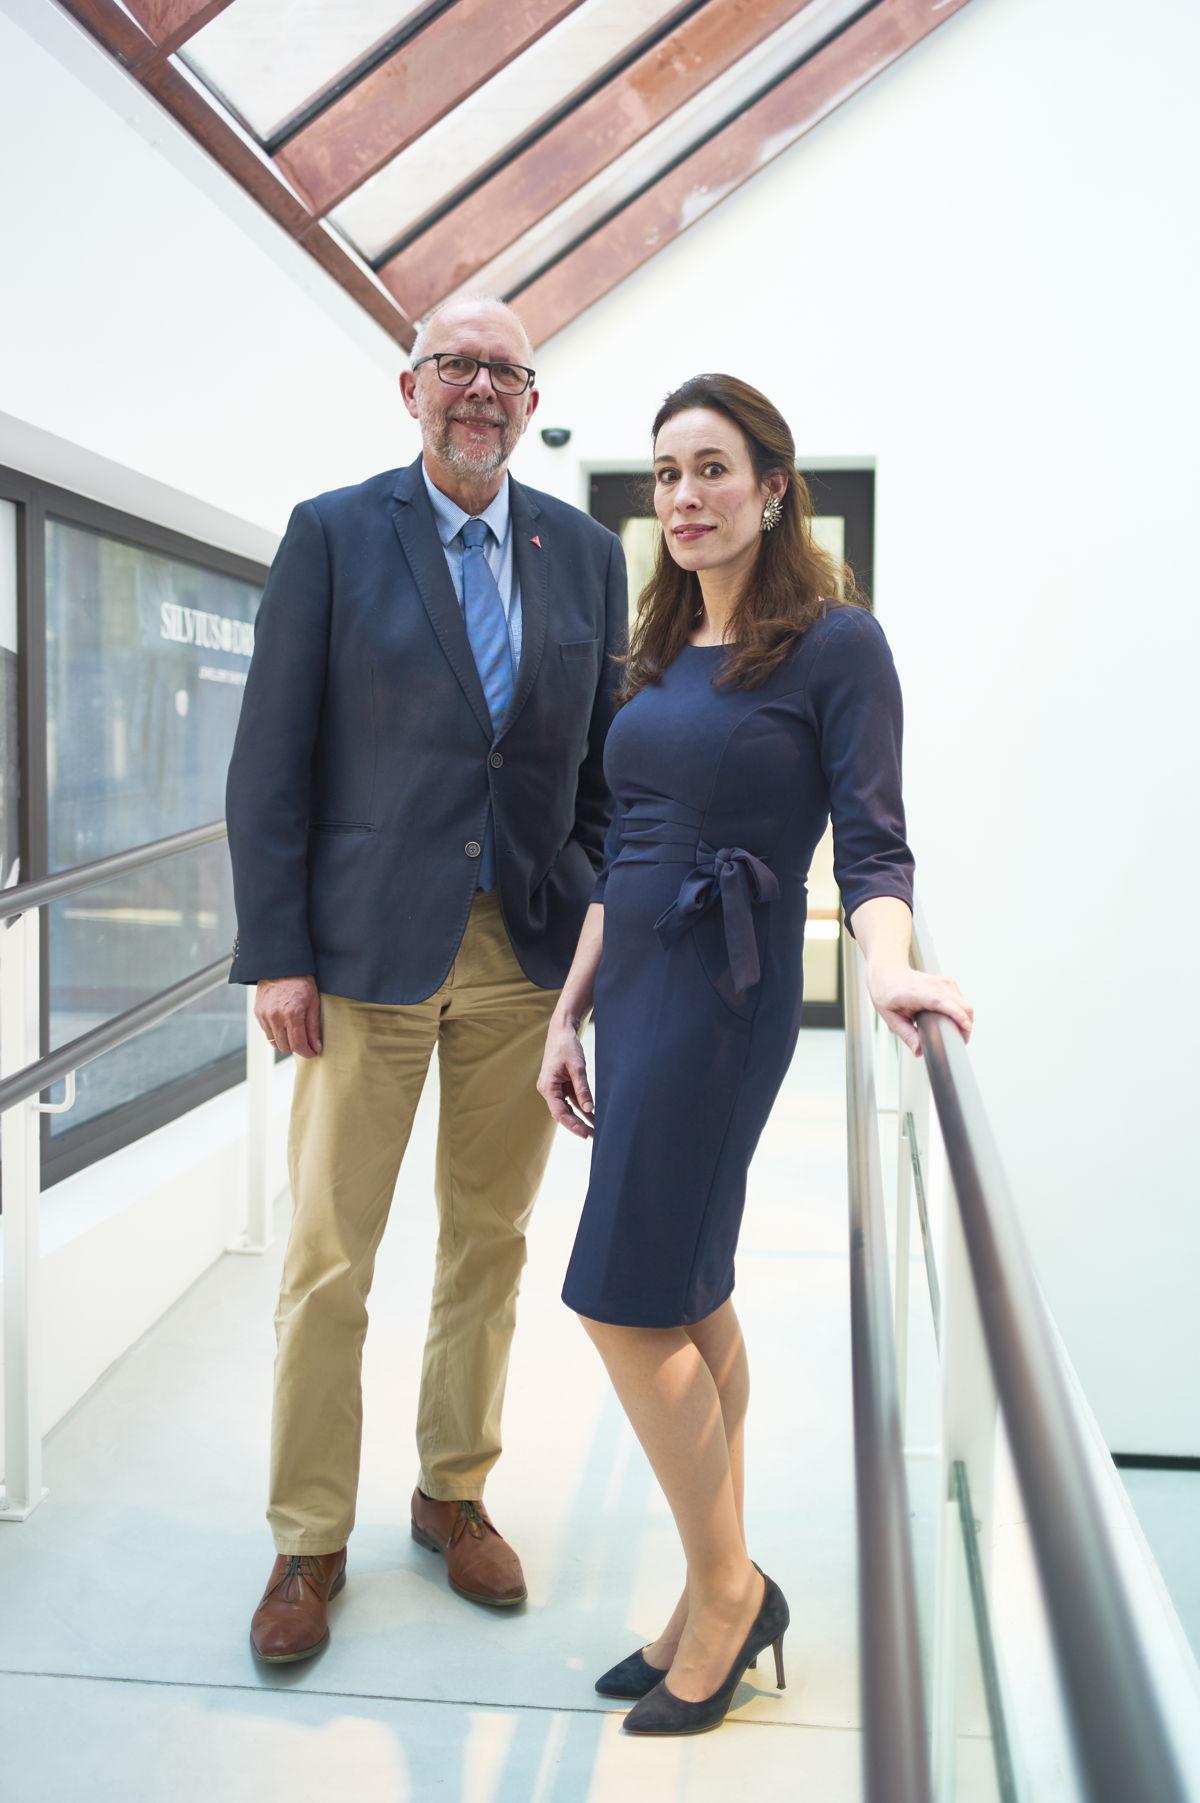 Luk Lemmens and Eva Olde Monnikhof (c) Jeroen Hanselaer